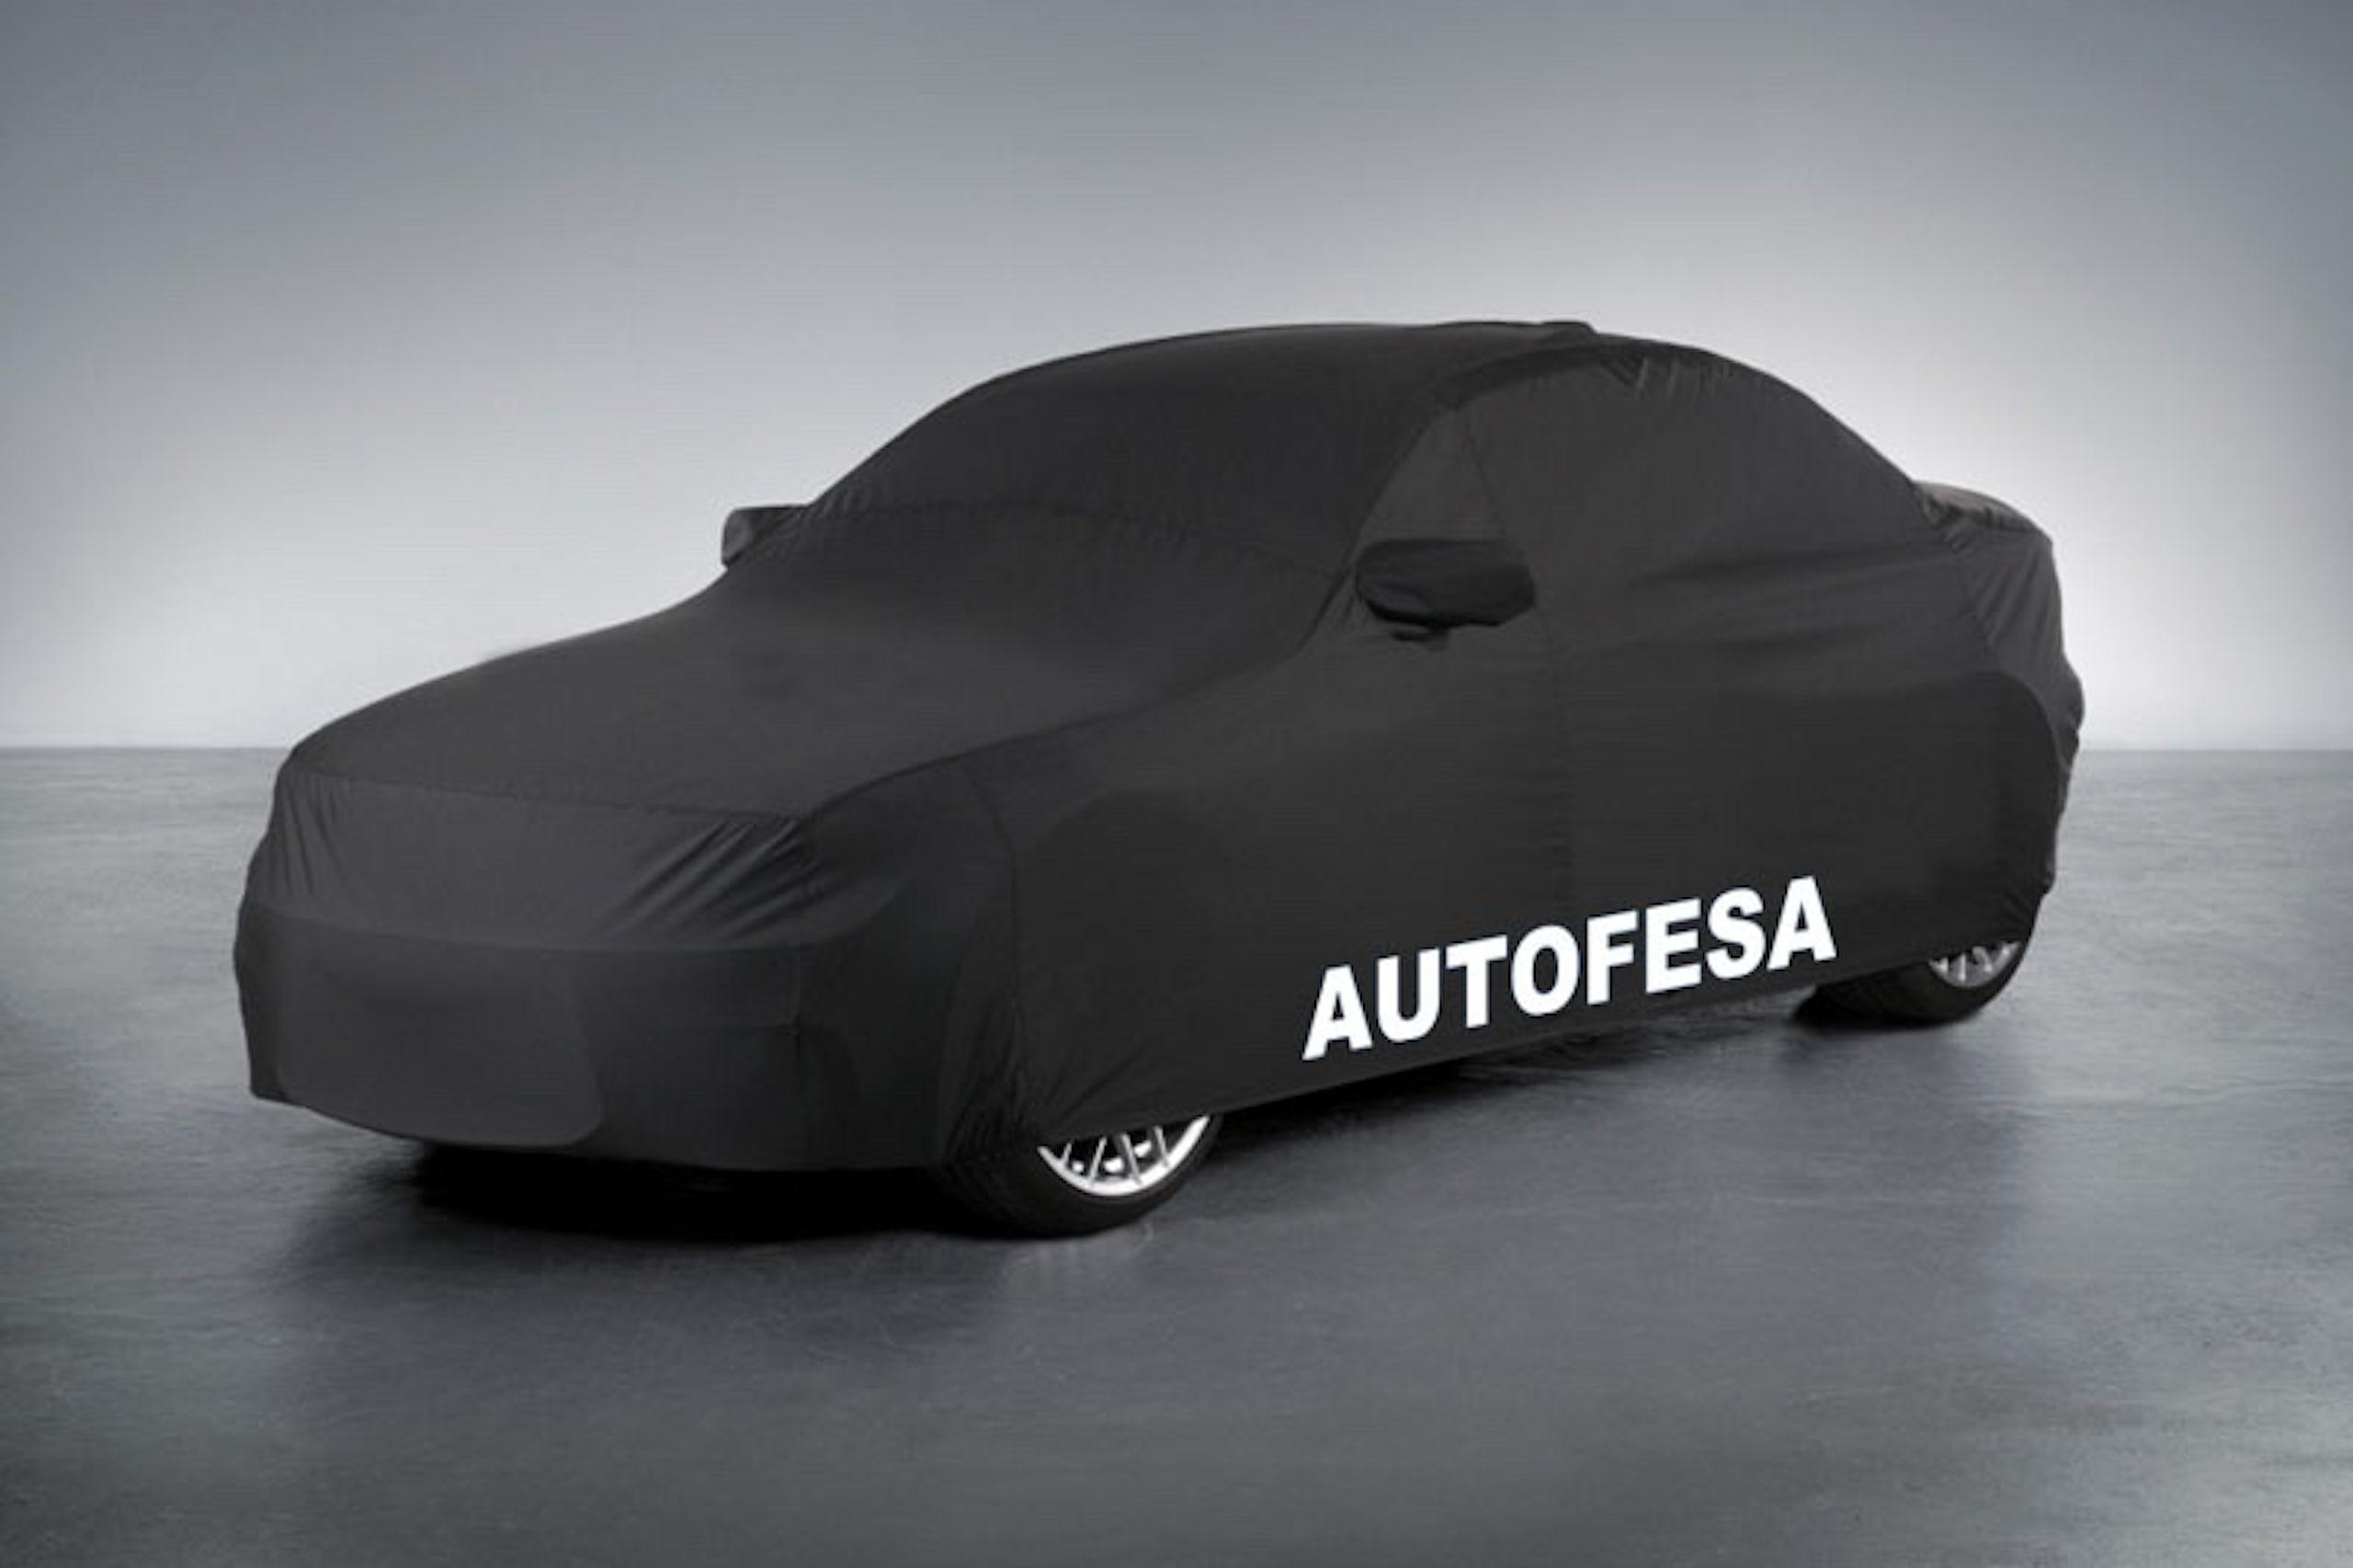 Audi Tt Roadster 2.0 TFSI 230cv quattro 2p Stronic Auto  S/S - Foto 27